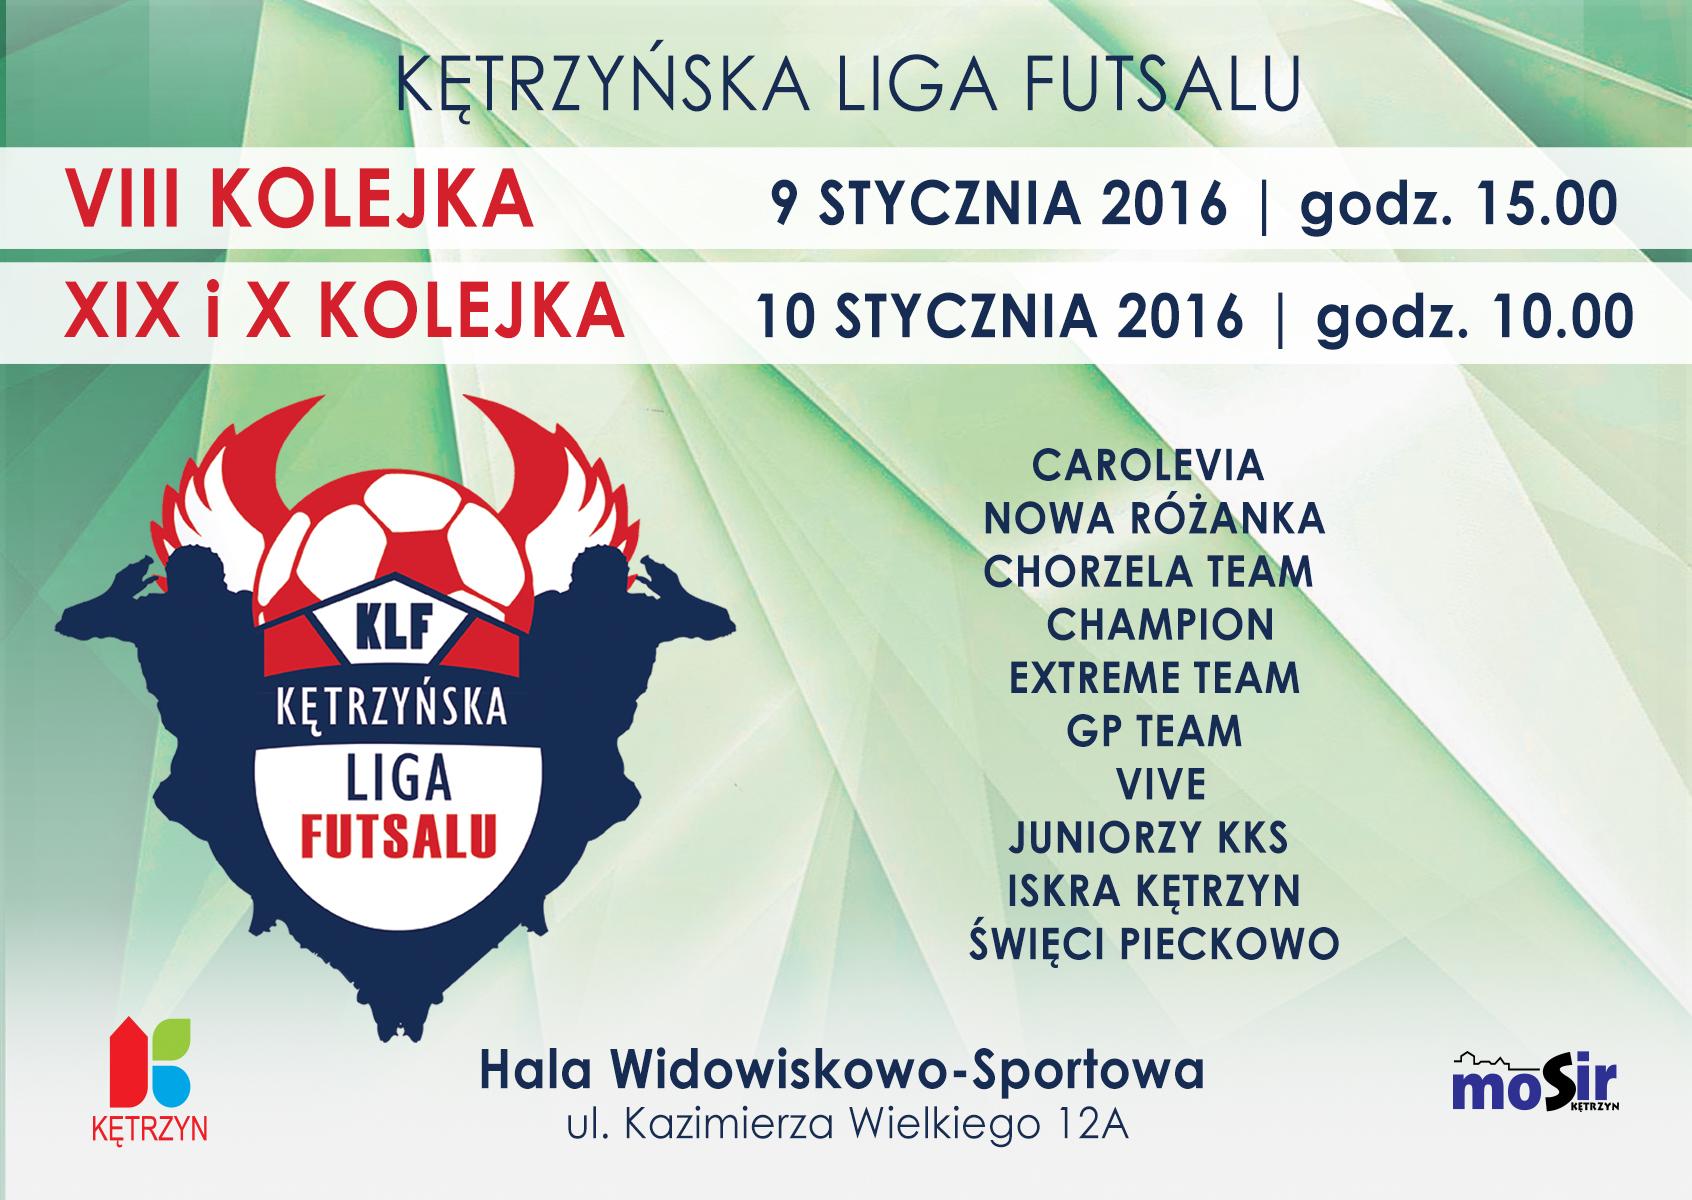 VIII, X i XI kolejka Kętrzyńskiej Ligi Futsalu